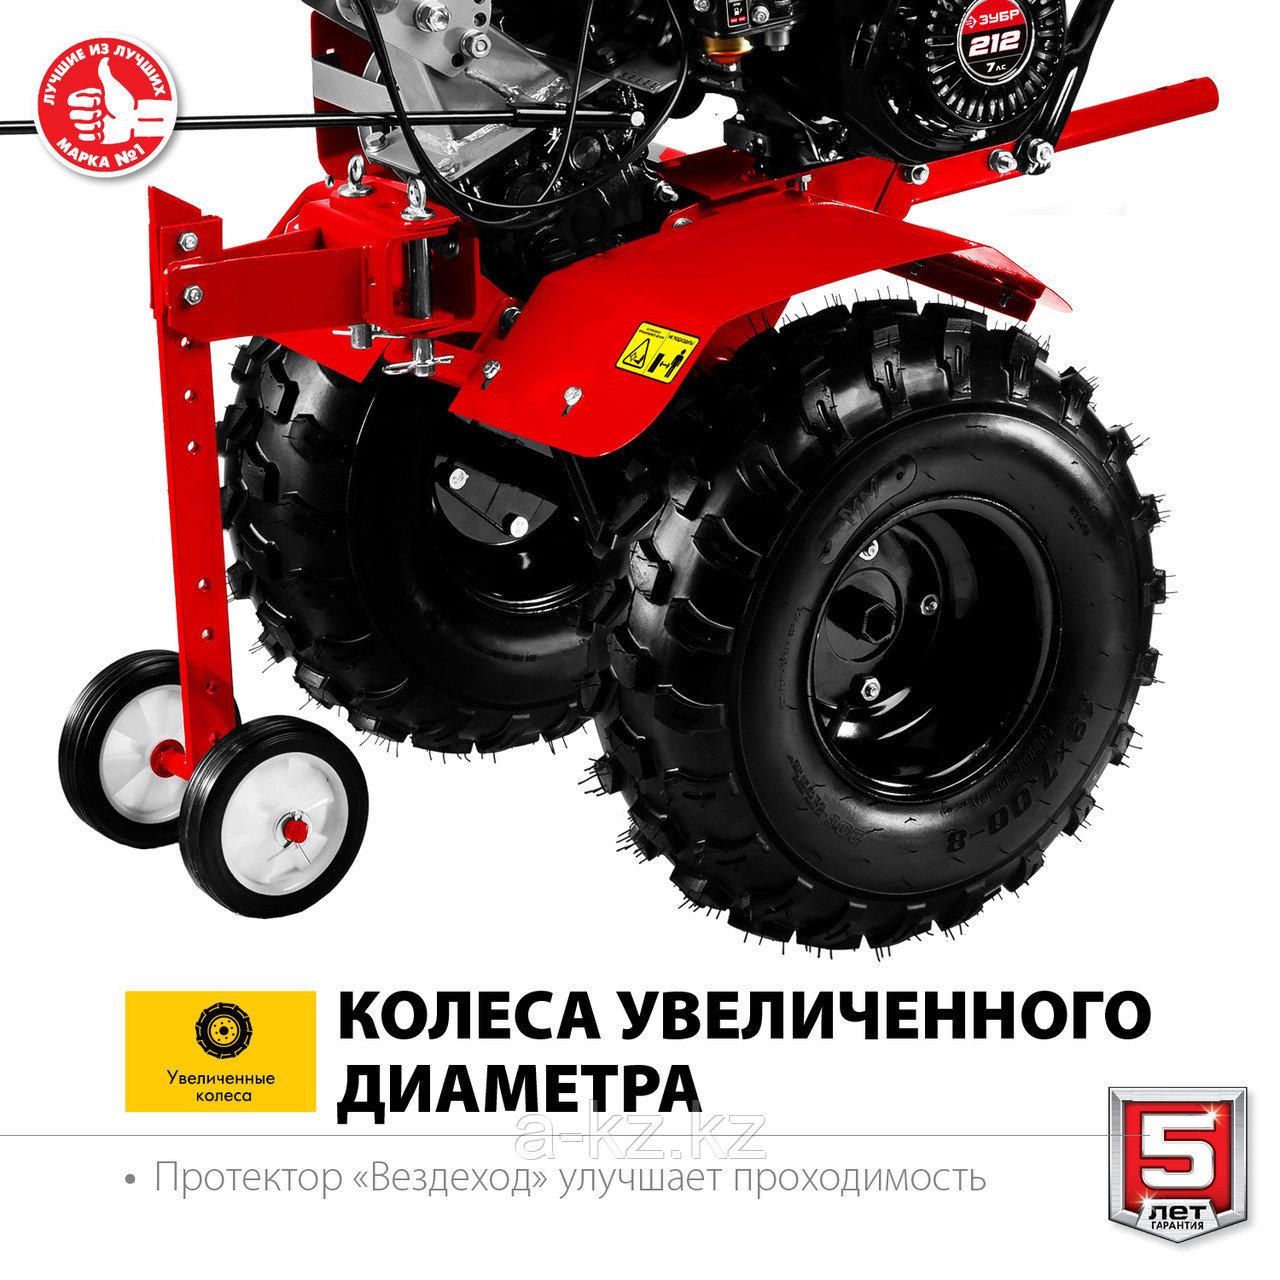 ЗУБР МТУ-450 мотоблок бензиновый усиленный, 212 см3 - фото 5